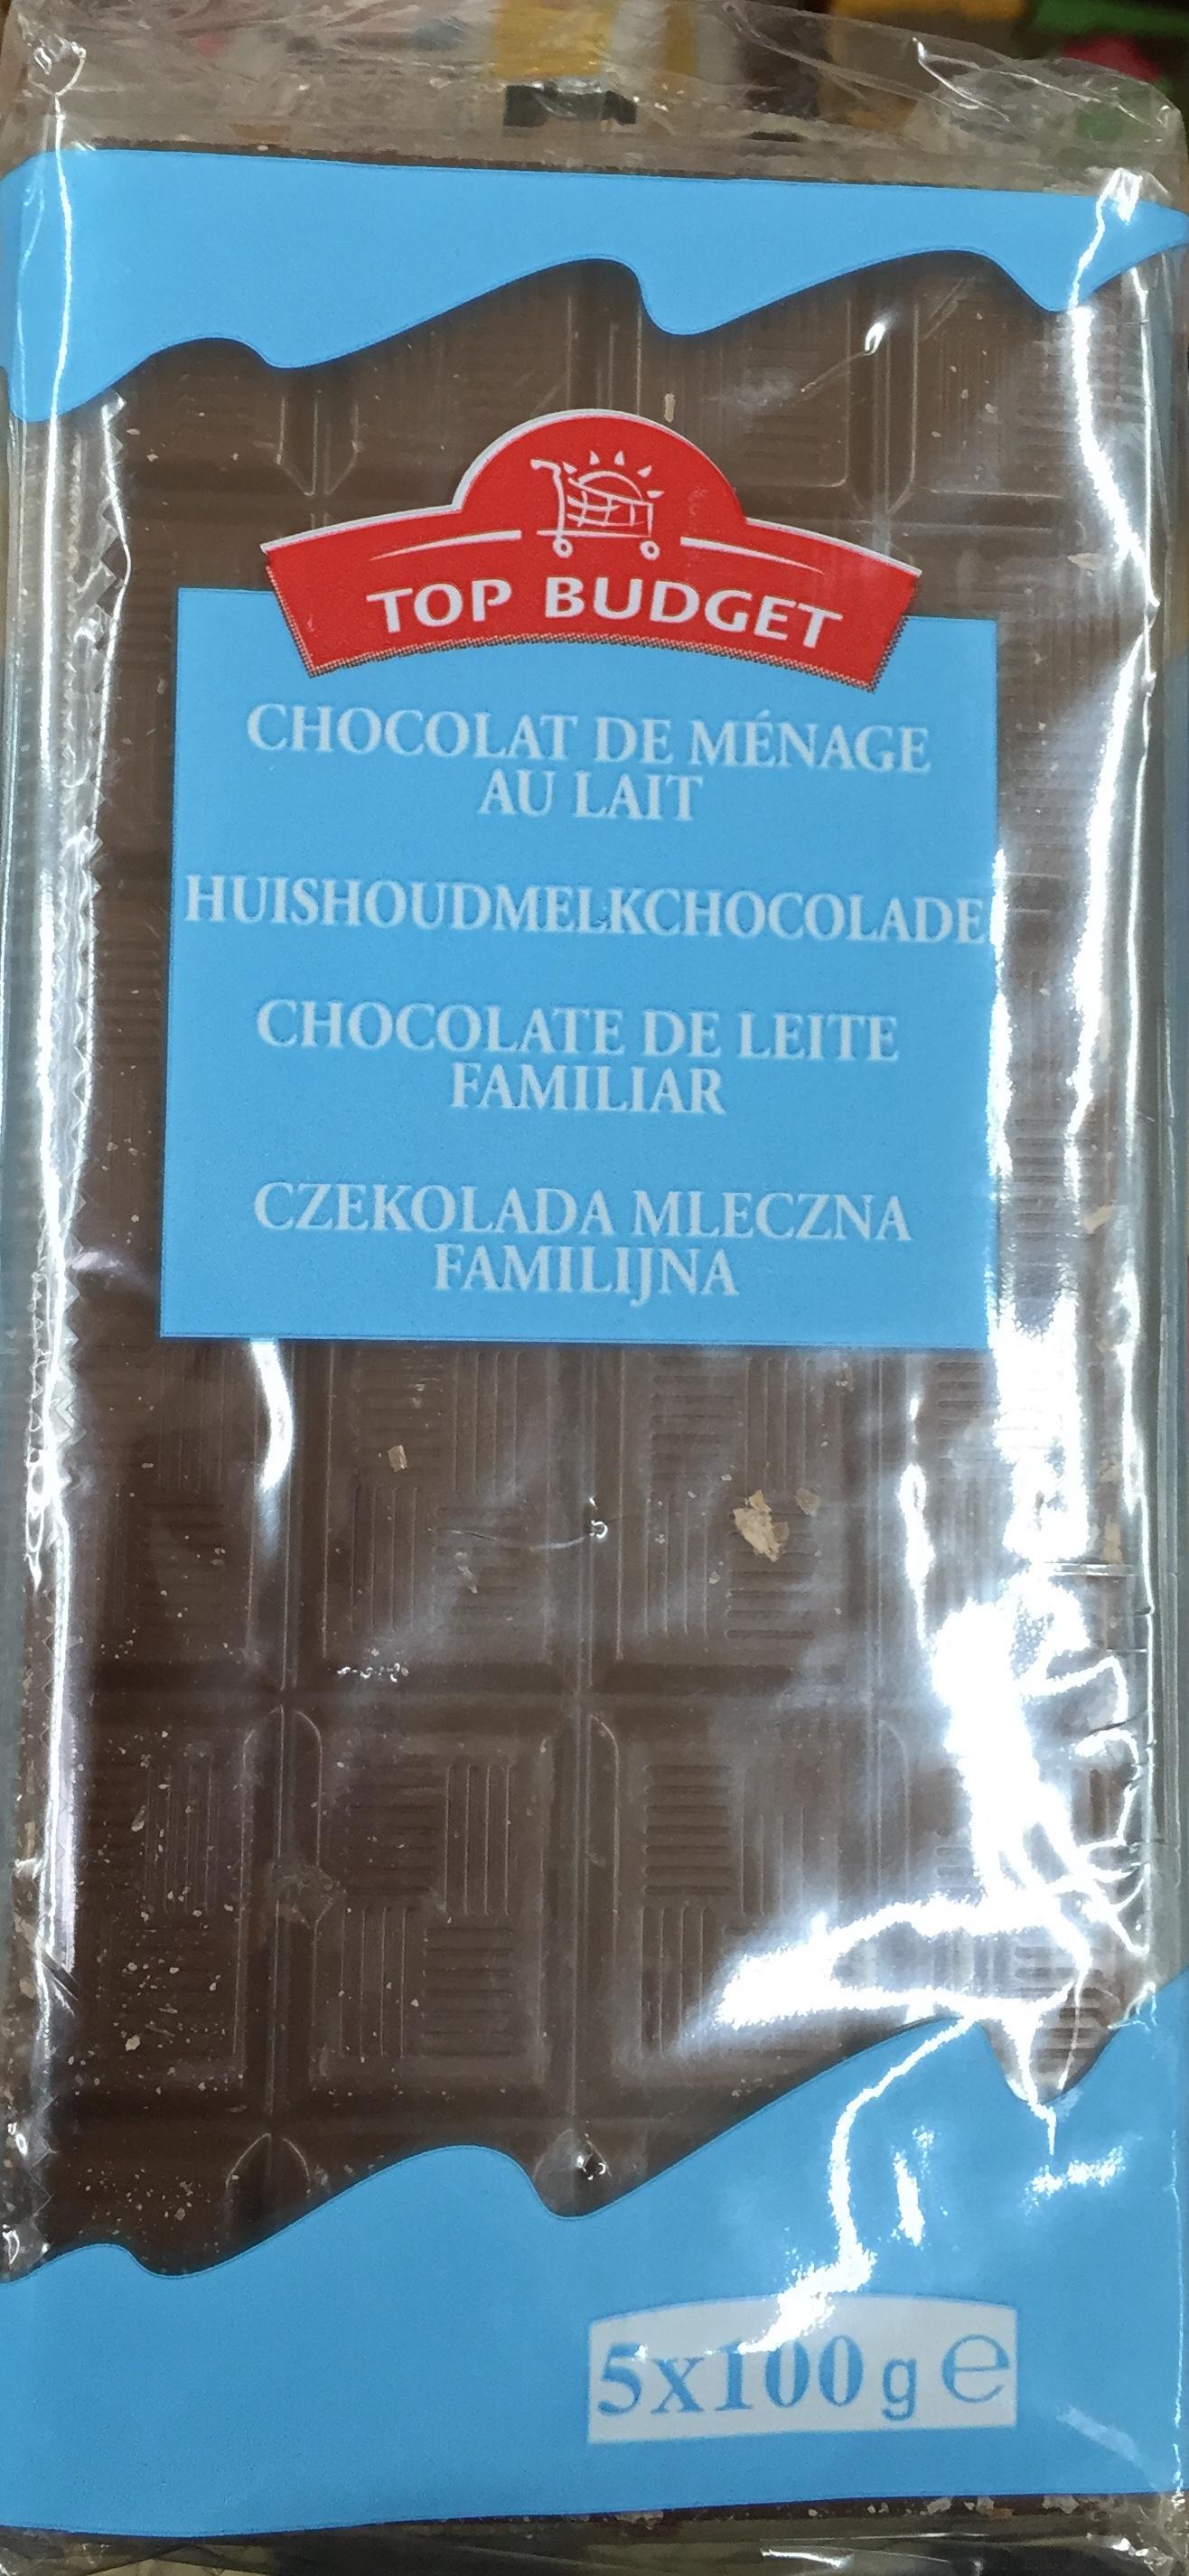 Chocolat de ménage au lait - Product